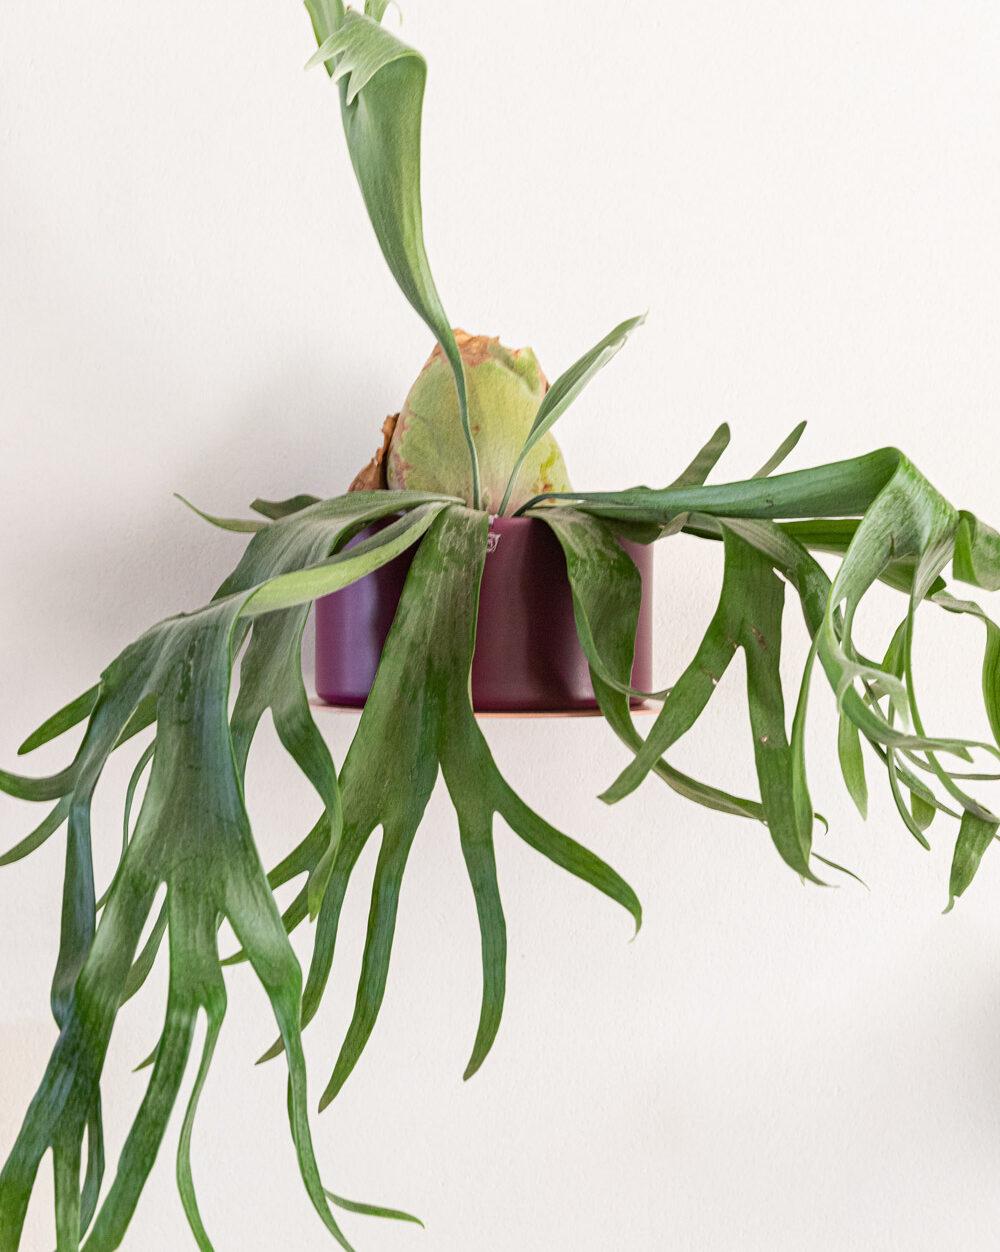 Uma das opções é deixar a planta chifre-de-veado como um pendente, da mesma forma que ela fica exposta na natureza.